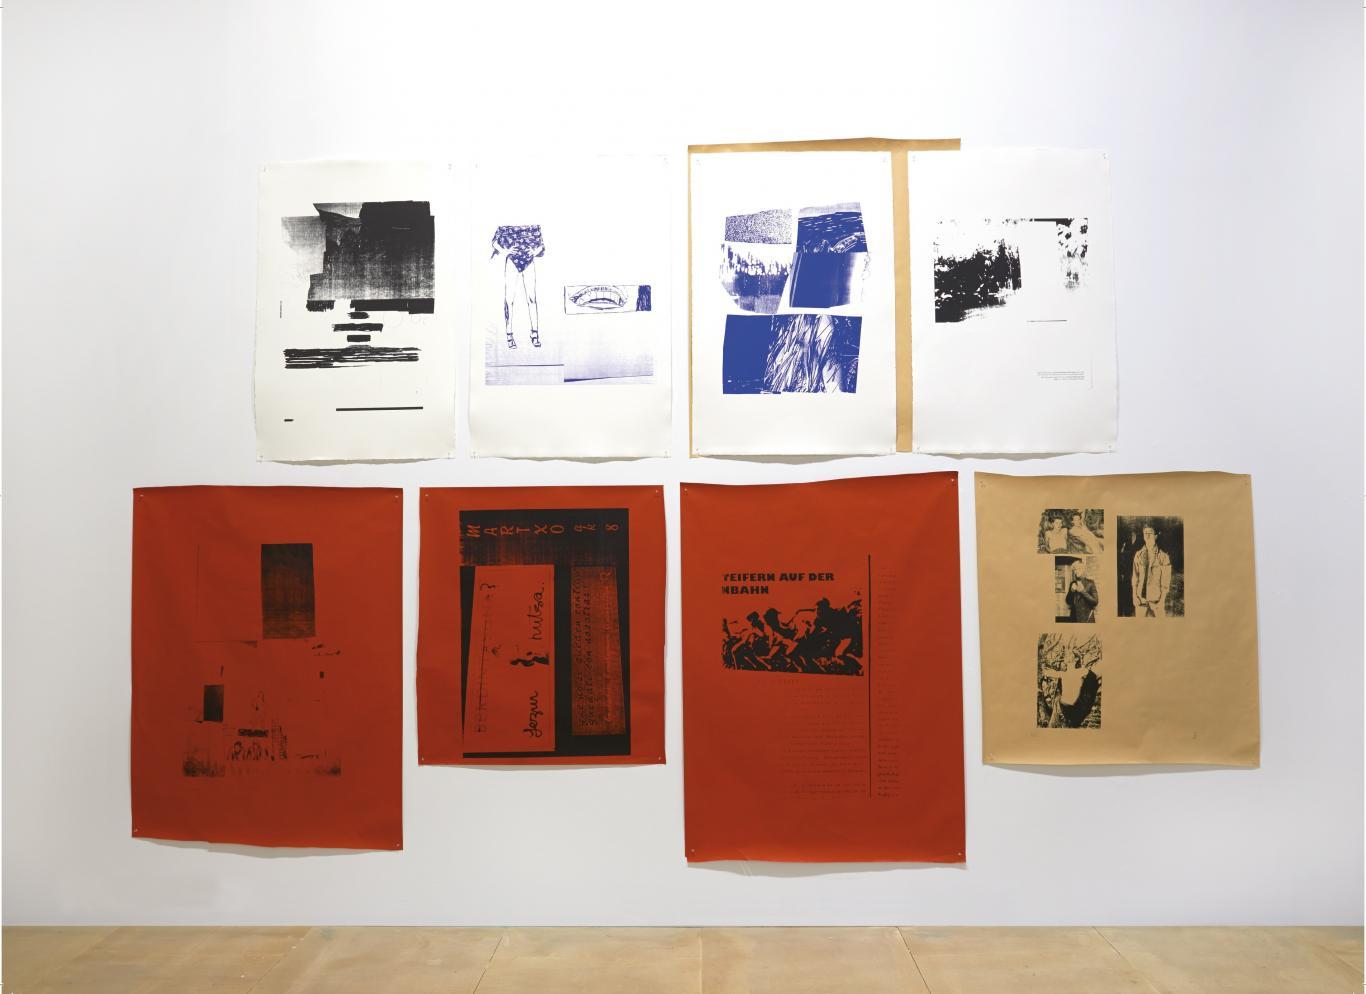 Ocho serigrafías de distintos colores dispuestas a modo de collage en una pared blanca